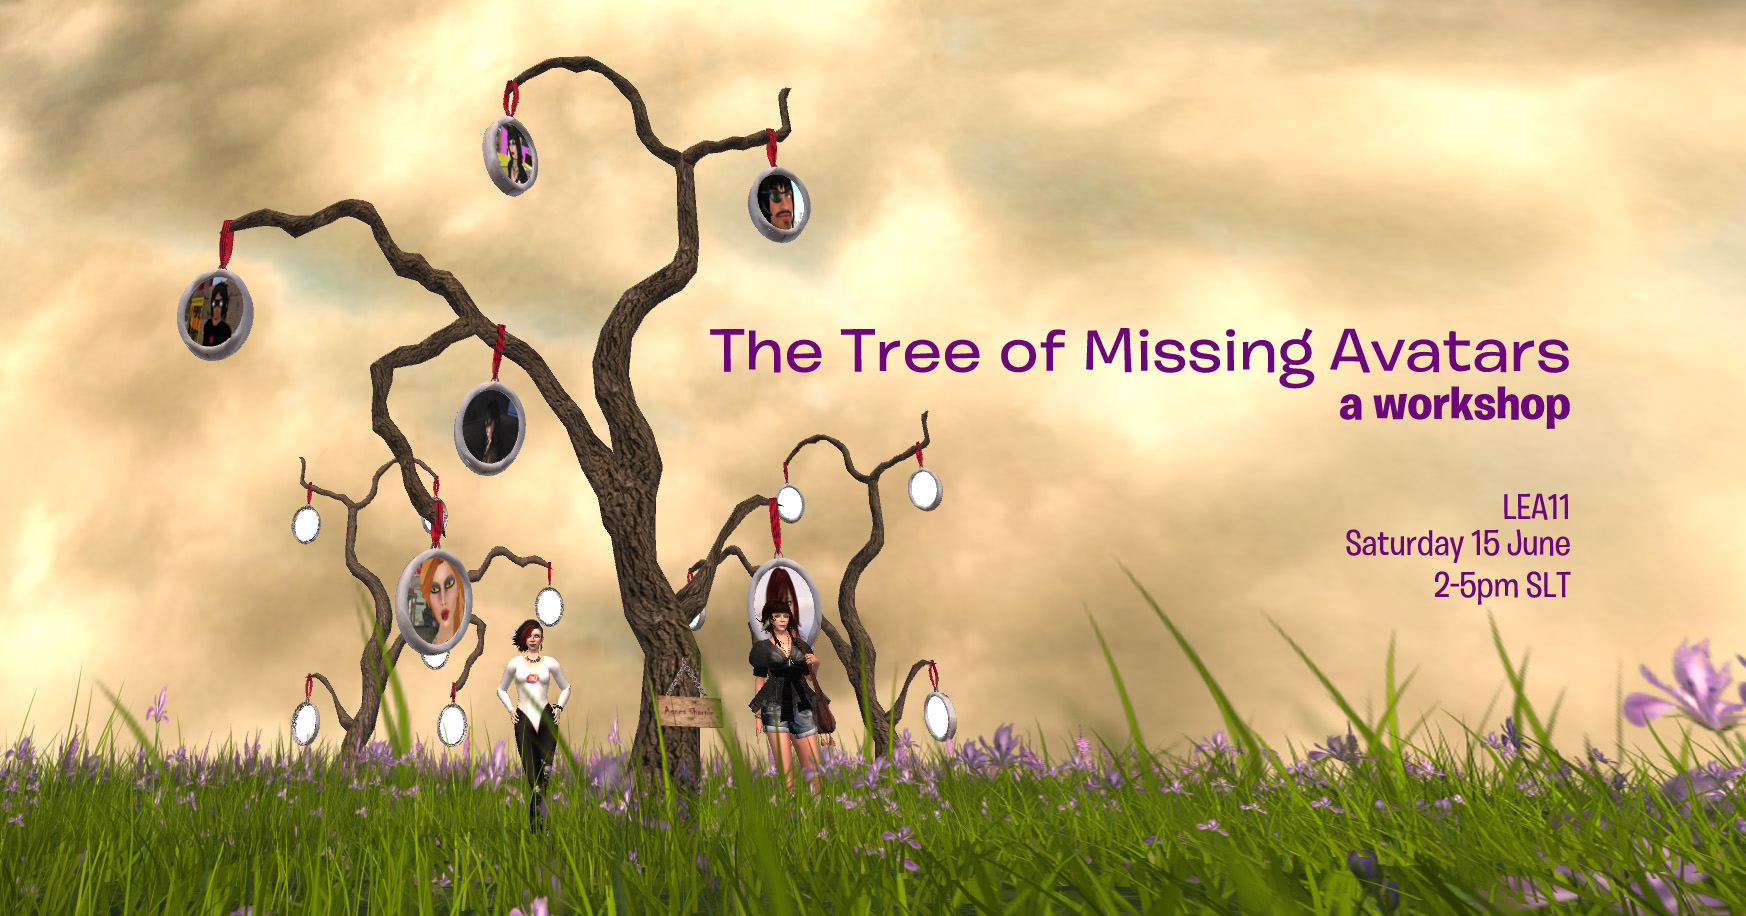 Activity No.8 – The Tree of Missing Avatars